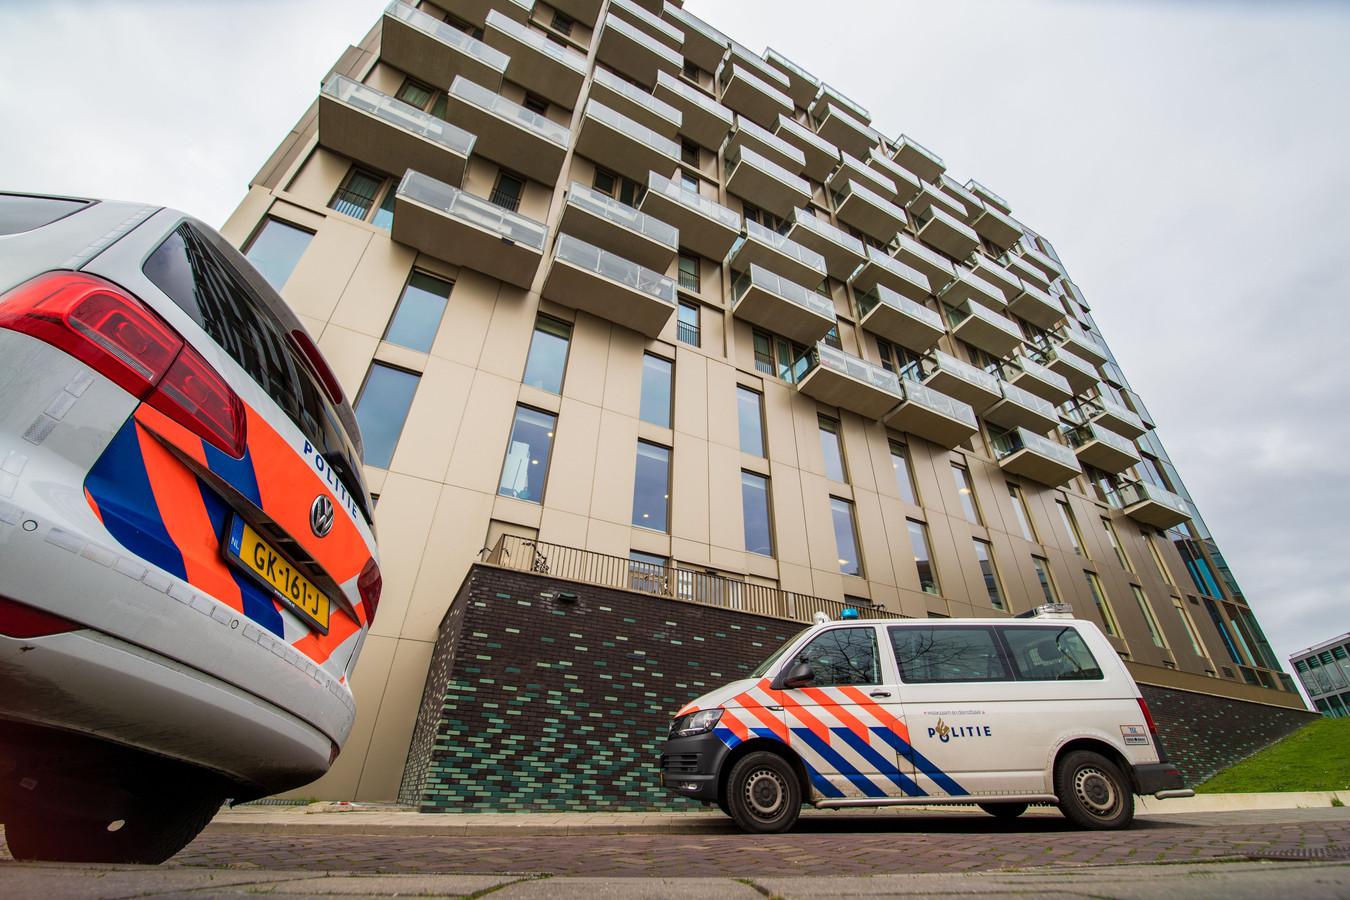 De politie doet onderzoek bij de flat aan de De Ruyterstraat in Nijmegen.